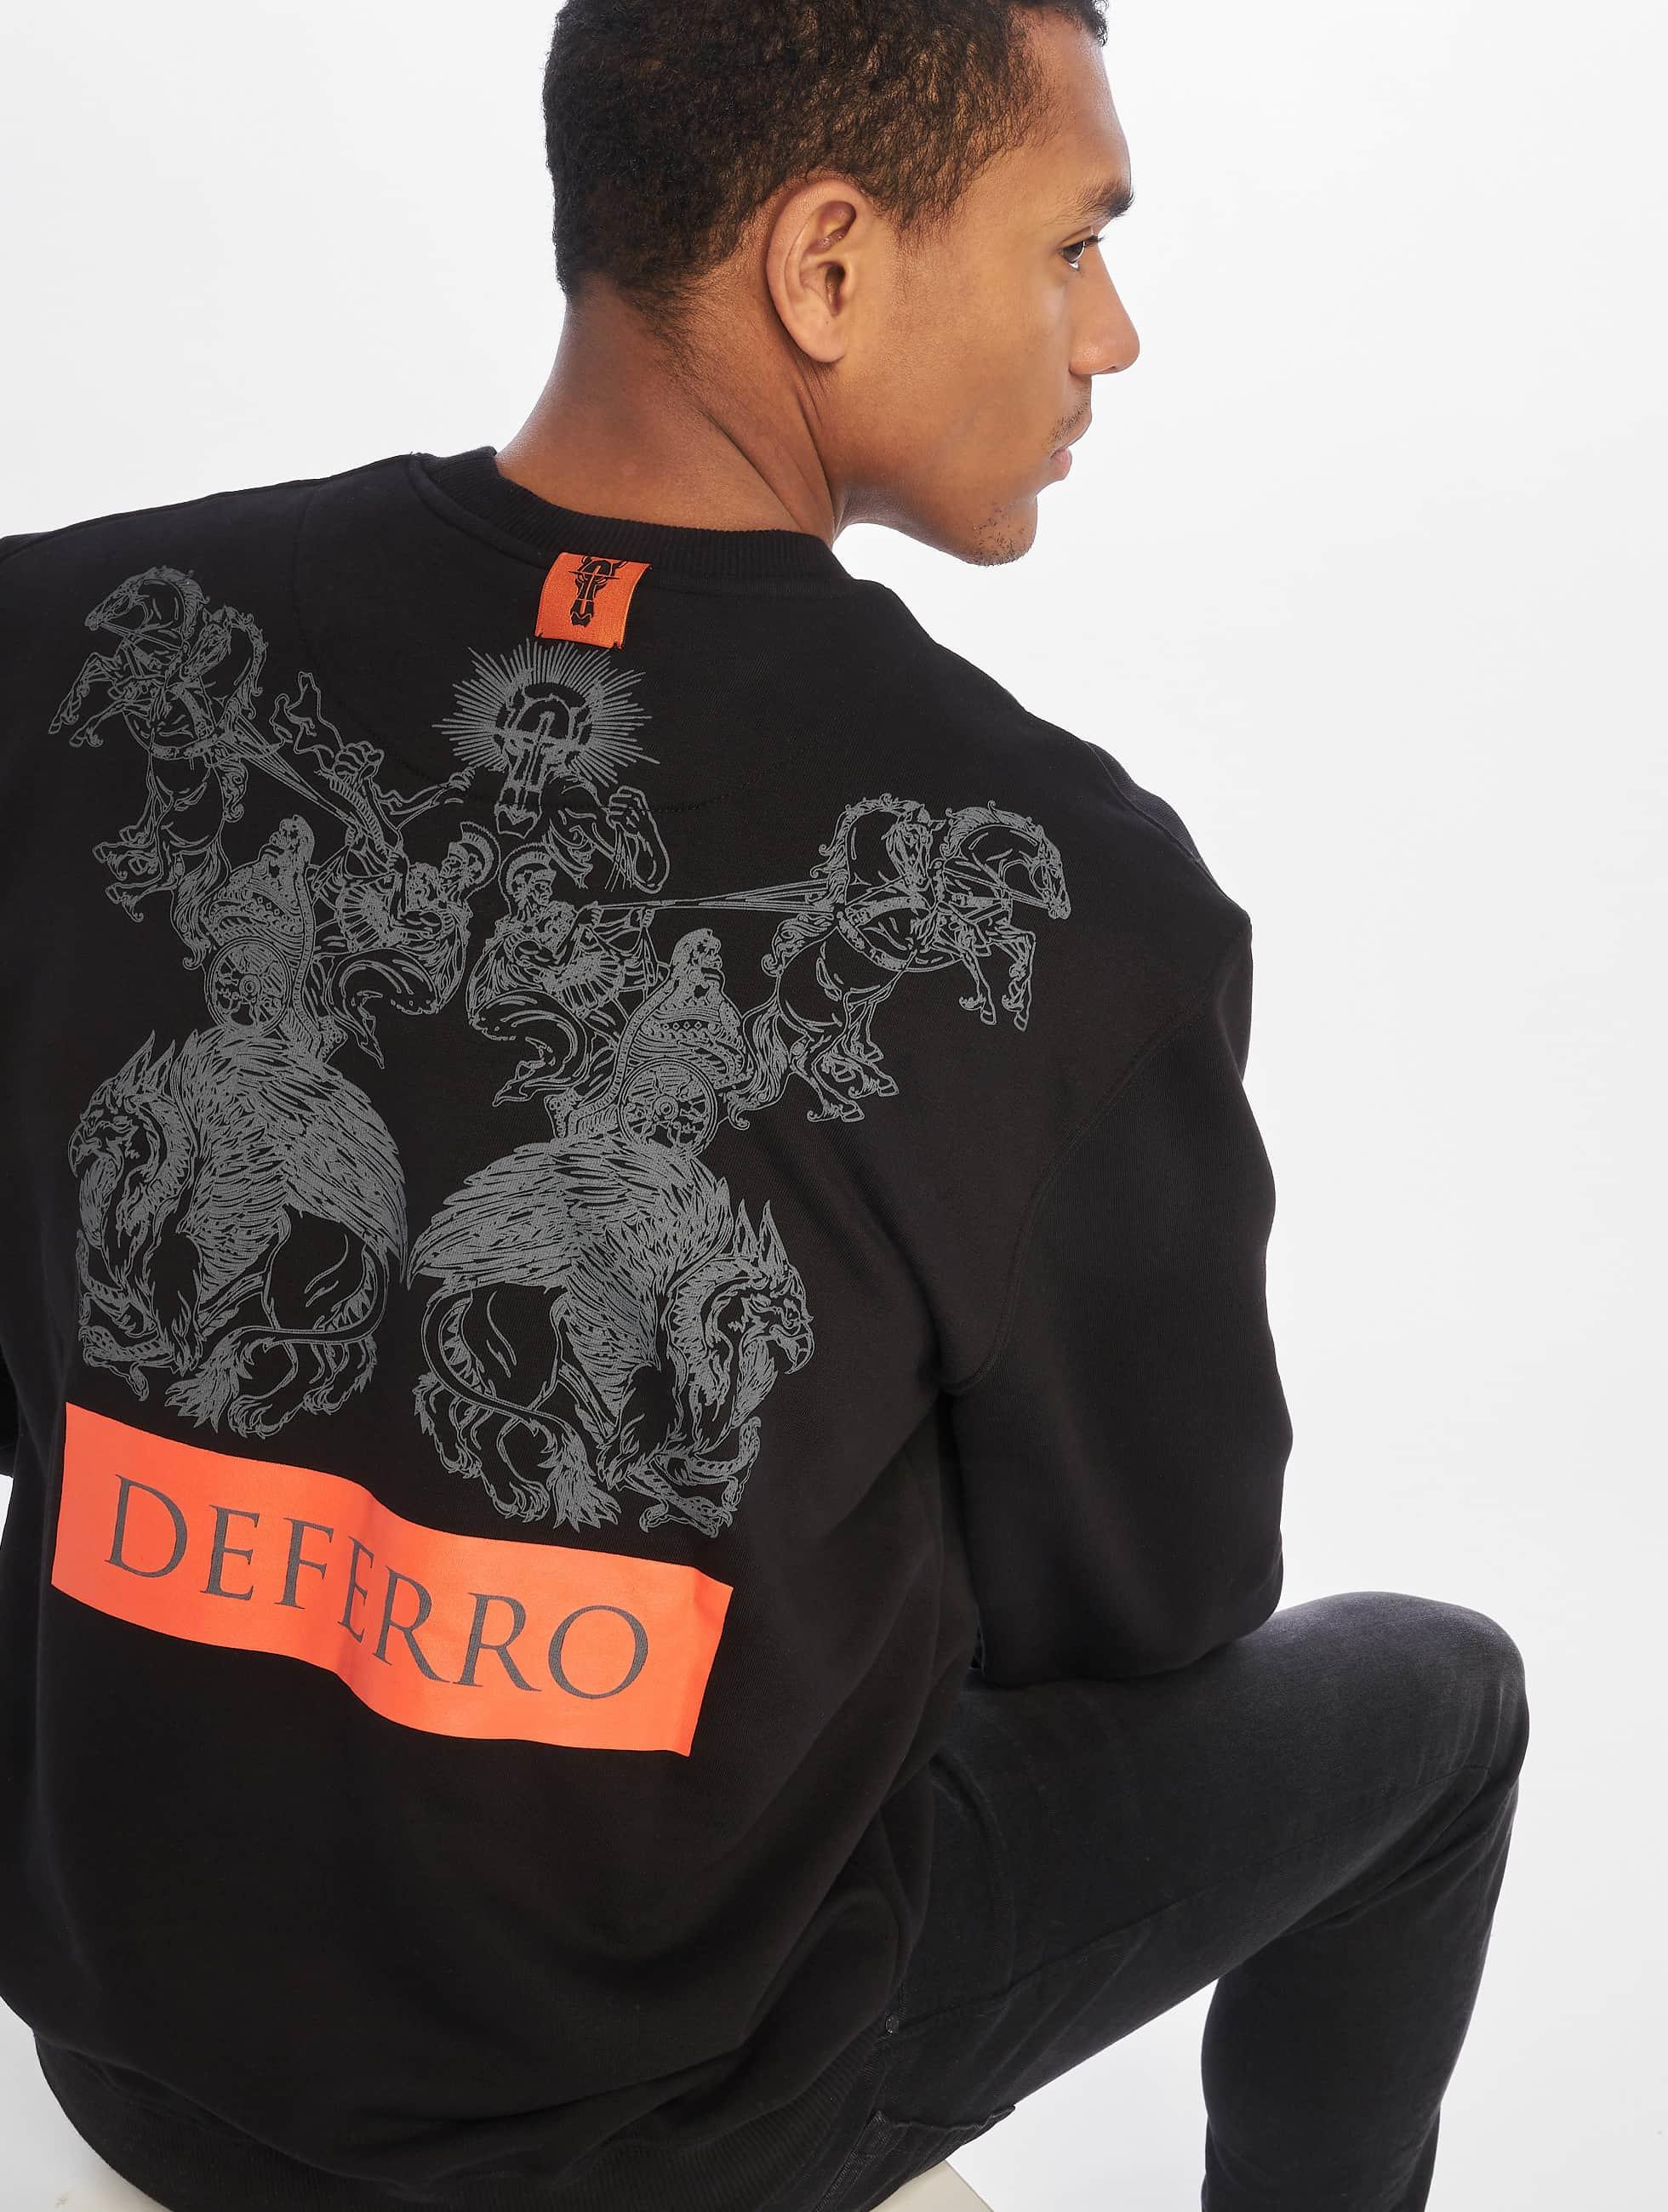 De Ferro / Jumper Mighty Deferro in black M